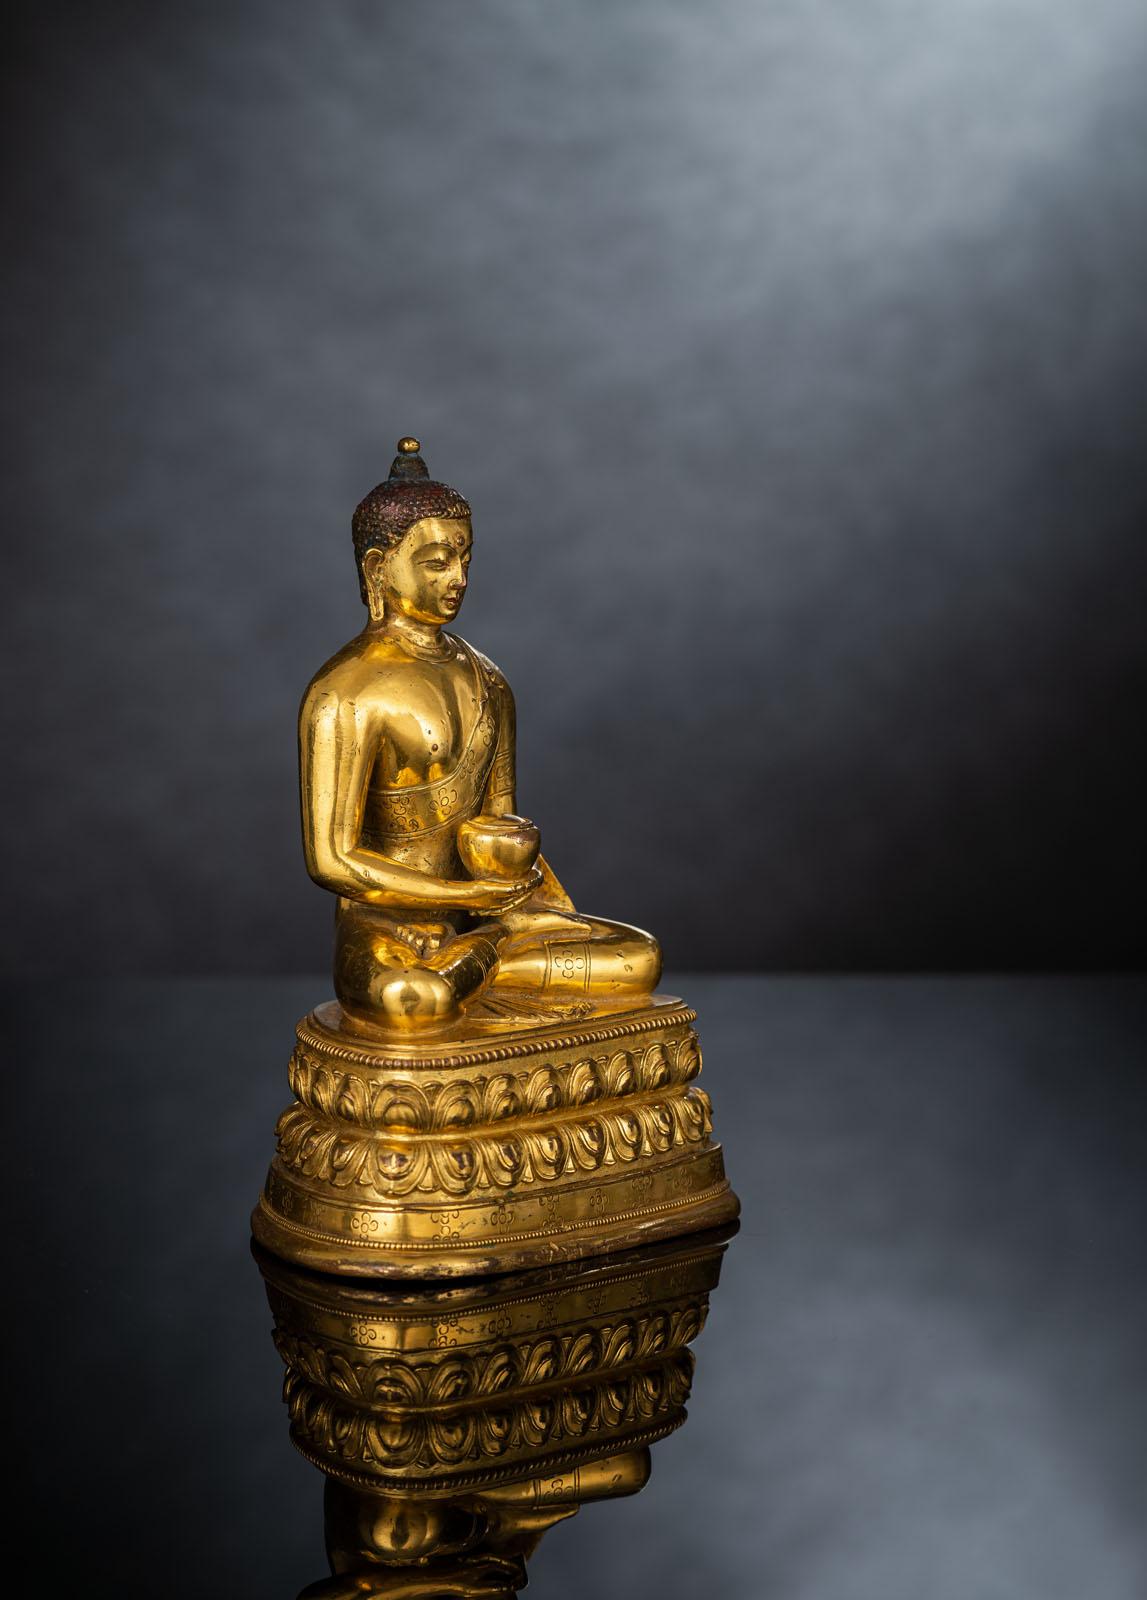 A FINE GILT-BRONZE FIGURE OF BUDDHA SHAKYAMUNI IN ZANABAZAR STYLE - Image 3 of 10